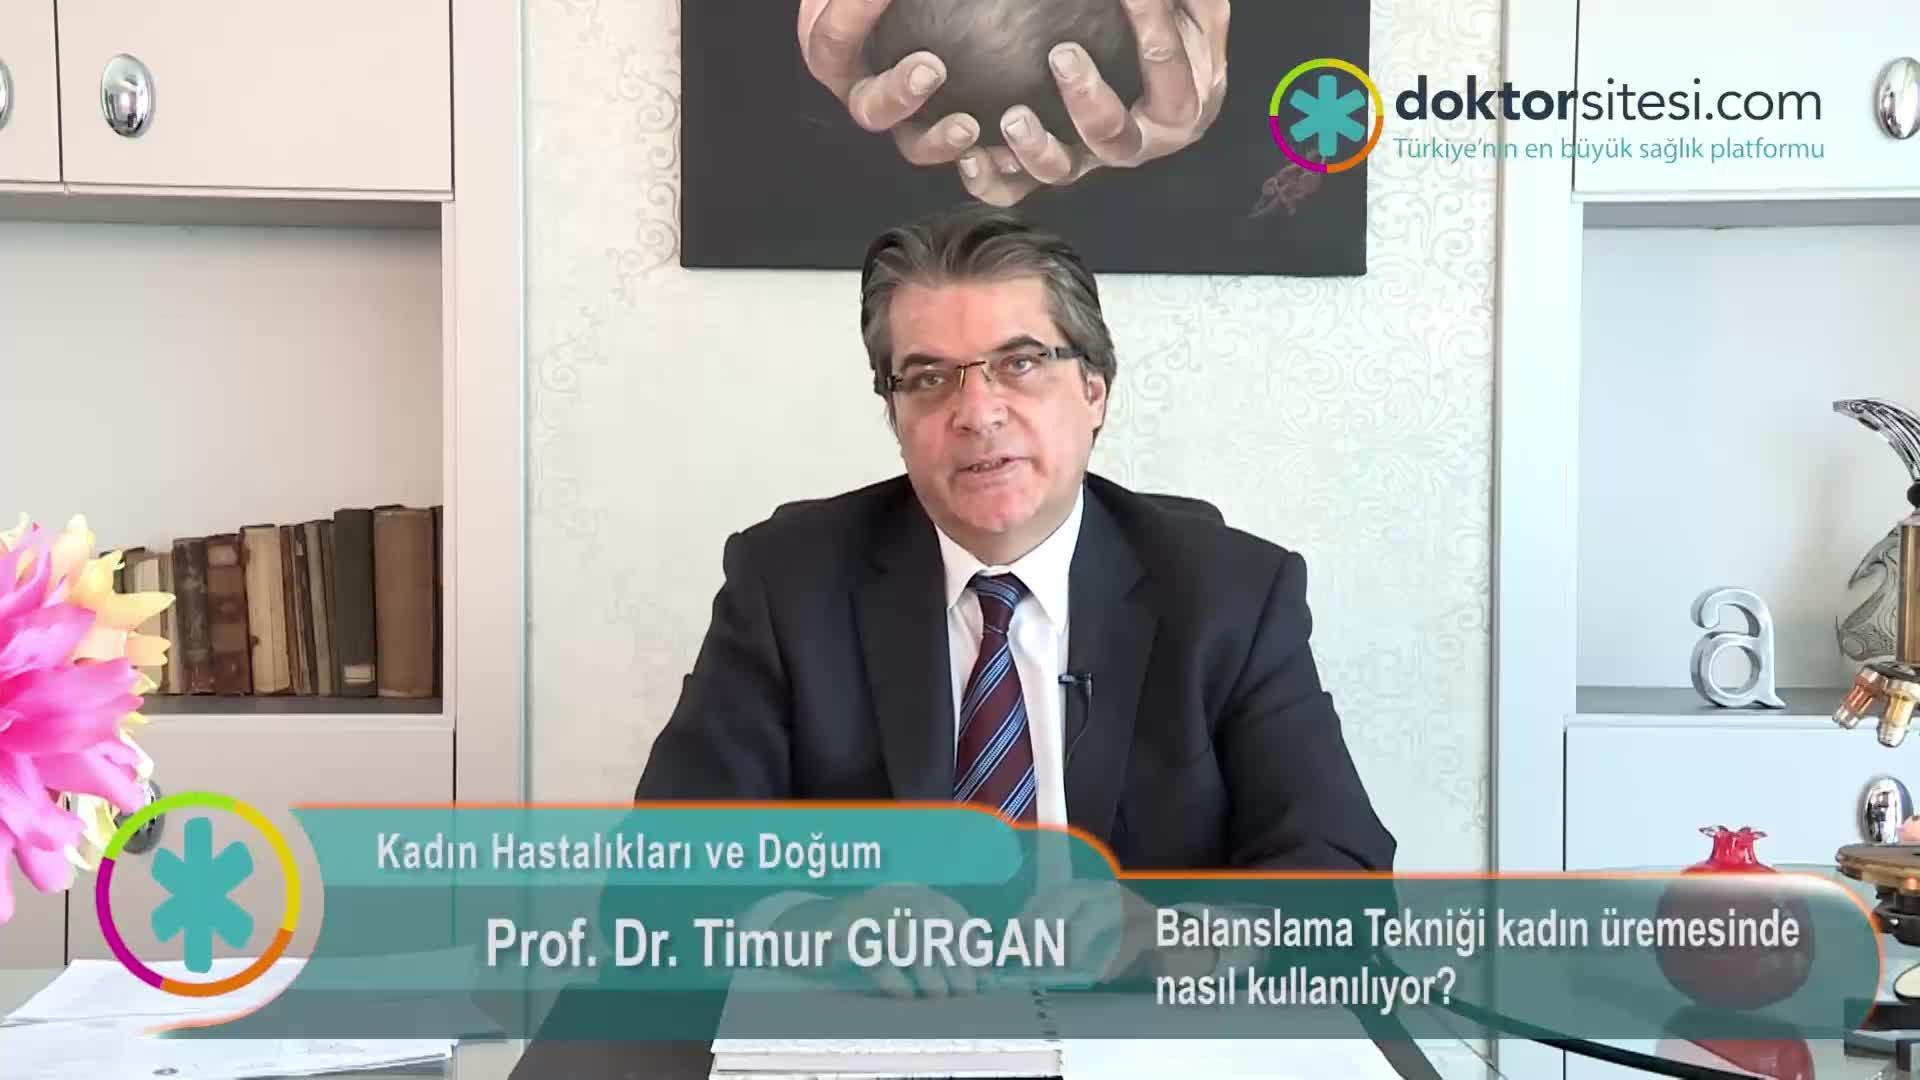 """Balanslama Tekniği kadın üremesinde nasıl kullanılıyor? """"Prof. Dr. Timur  GÜRGAN"""""""